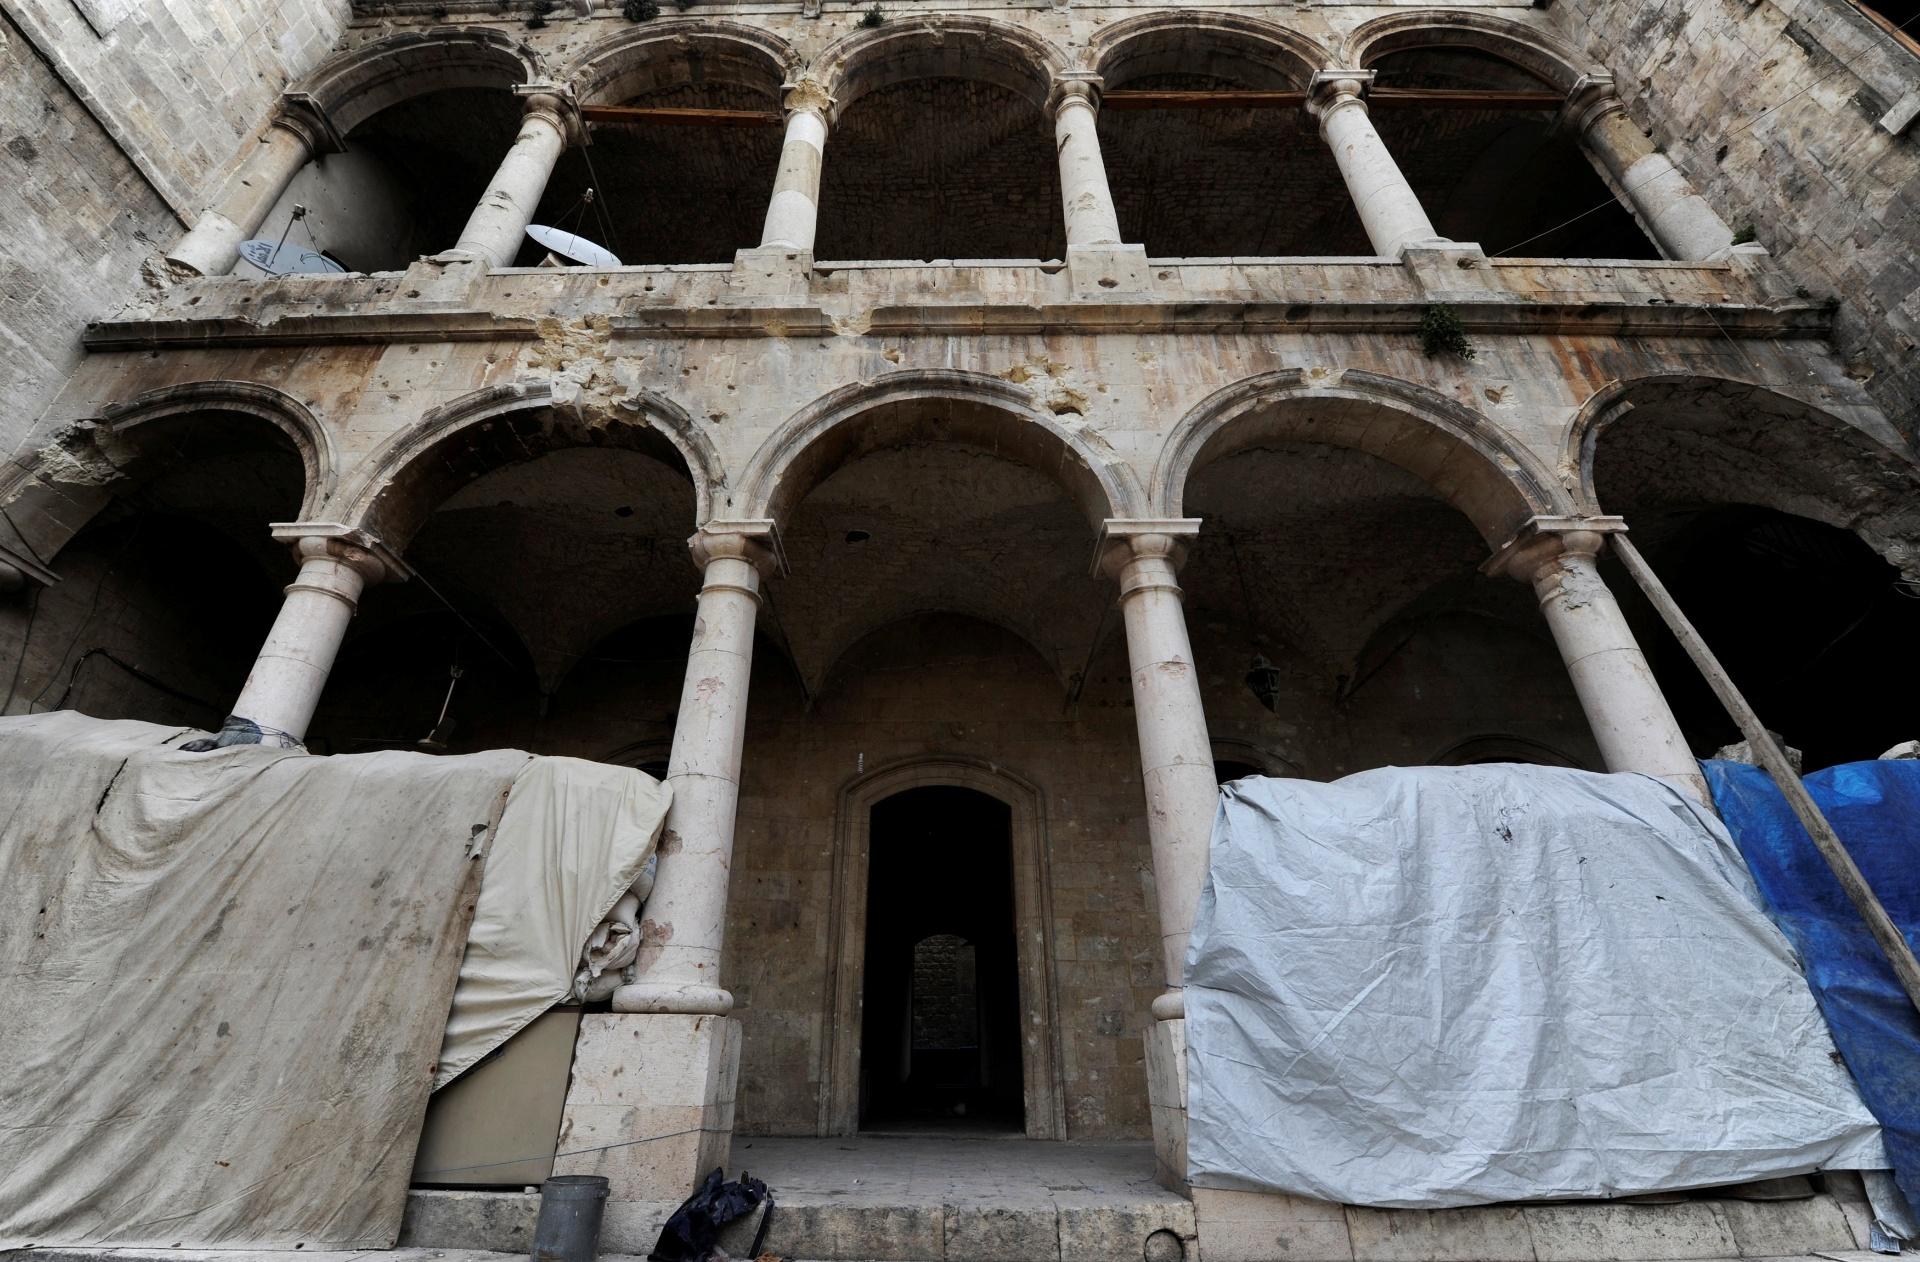 """22.dez.2016 - Em dezembro de 2016, a escola de al-Sheebani estava destruída na Cidade Velha de Aleppo, Síria. """"Há um dano, mas pode ser gerenciado. A situação é boa dentro da cidadela, mas também existem áreas de desastre e danos reais"""", disse Mamoun Abdelkarim, diretor geral de Antiguidades da Síria"""